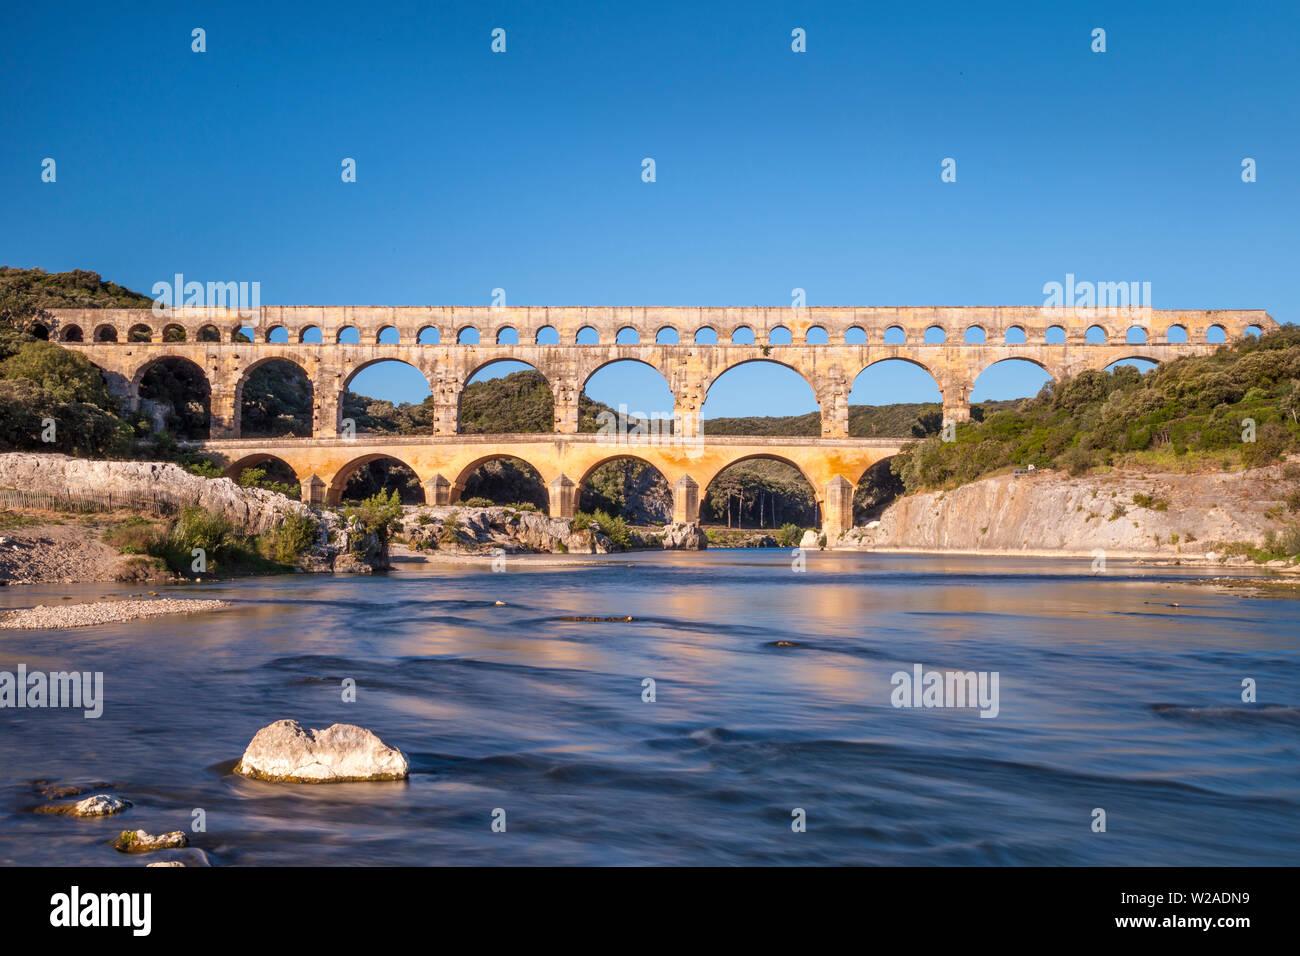 Acueducto romano, el Pont du Gard, cerca de Nimes, Occitanie, Francia Foto de stock